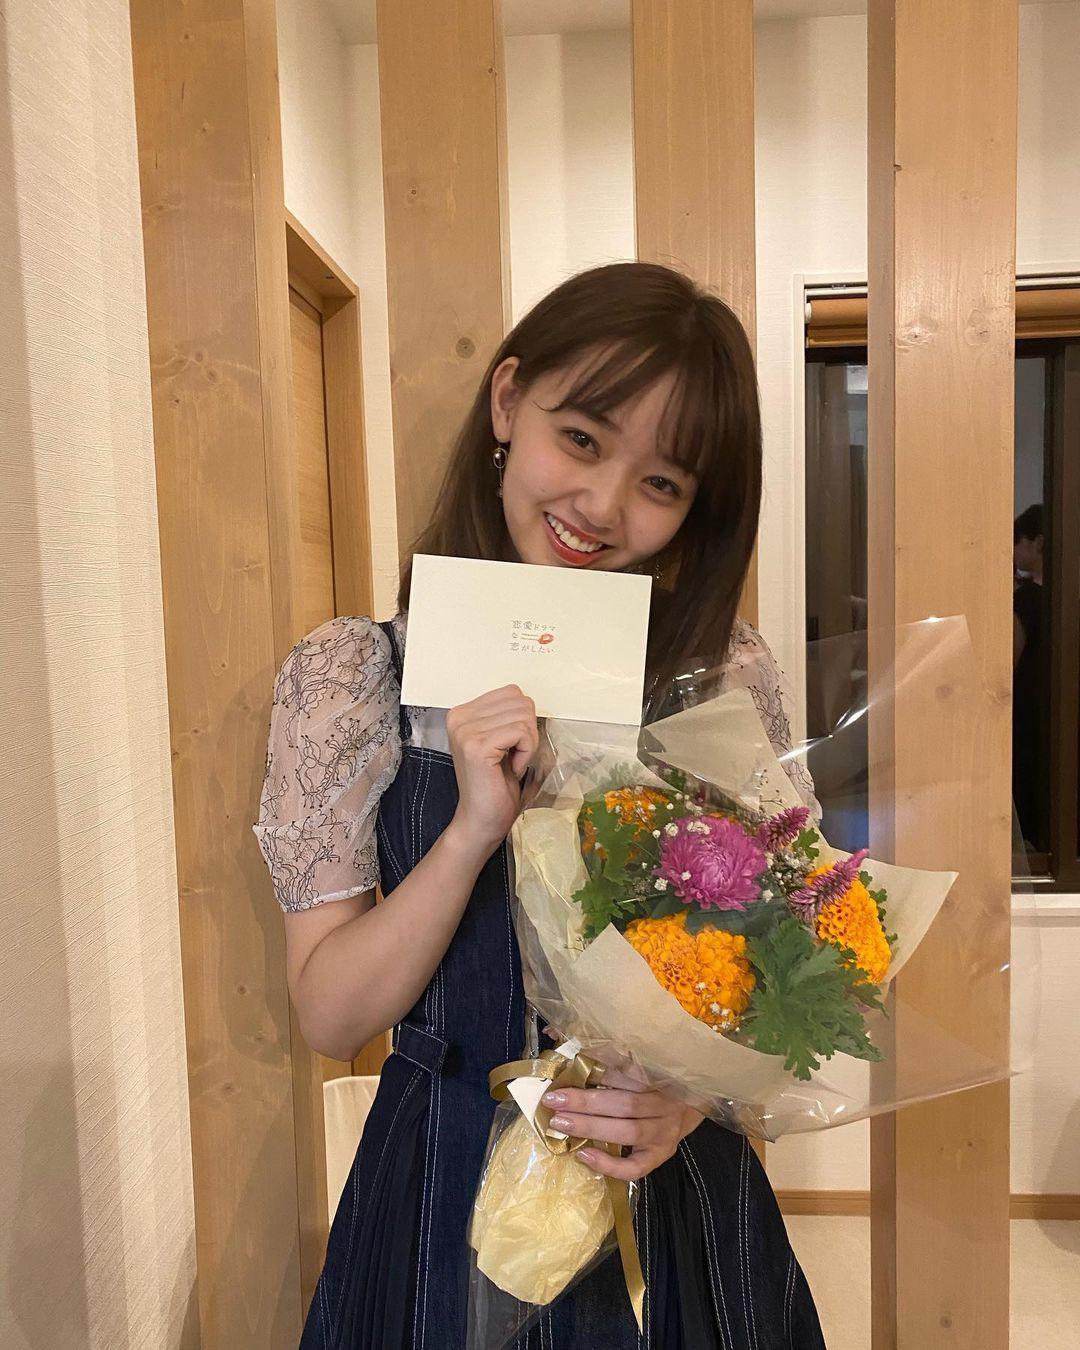 史上最可爱国中生江野沢爱美长大了.不只甜美笑容依旧,空灵气质更是疗愈人心 网络美女 第18张